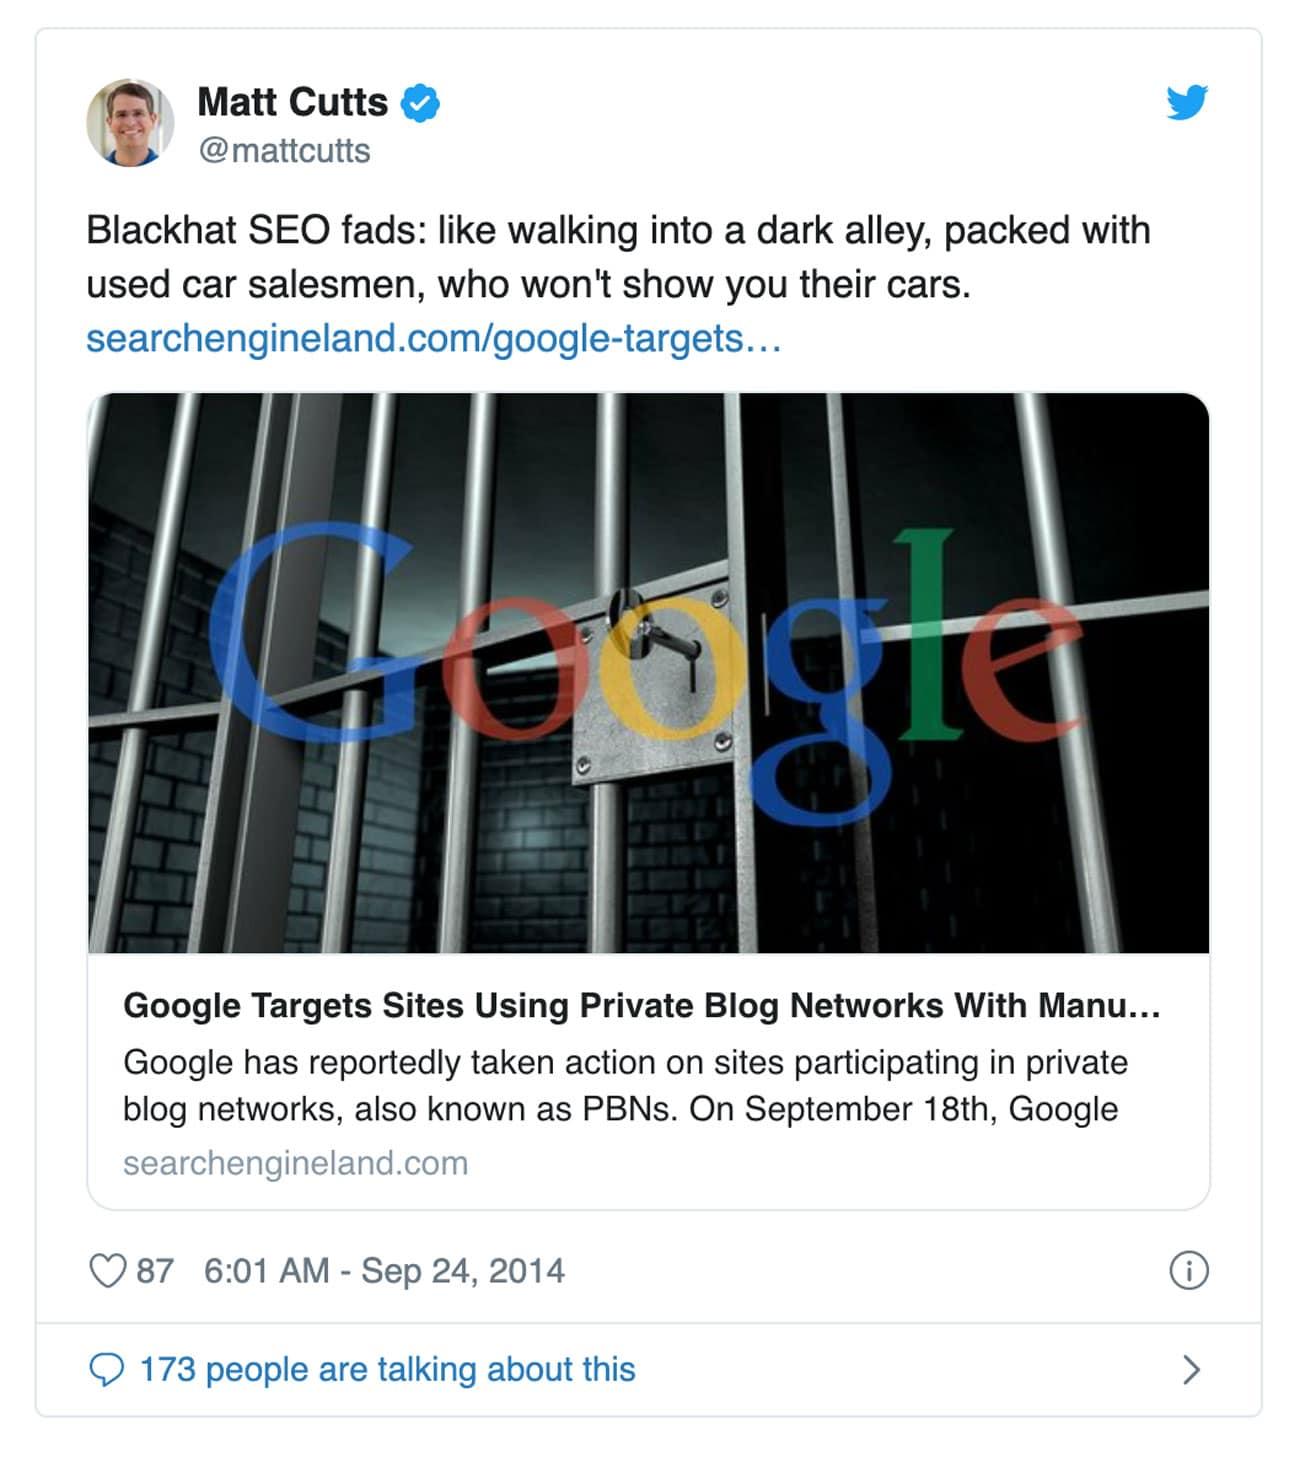 Private Blog Netzwerke sind laut Matt Cutts Blackhat SEO und führen zu negativen Rankings.